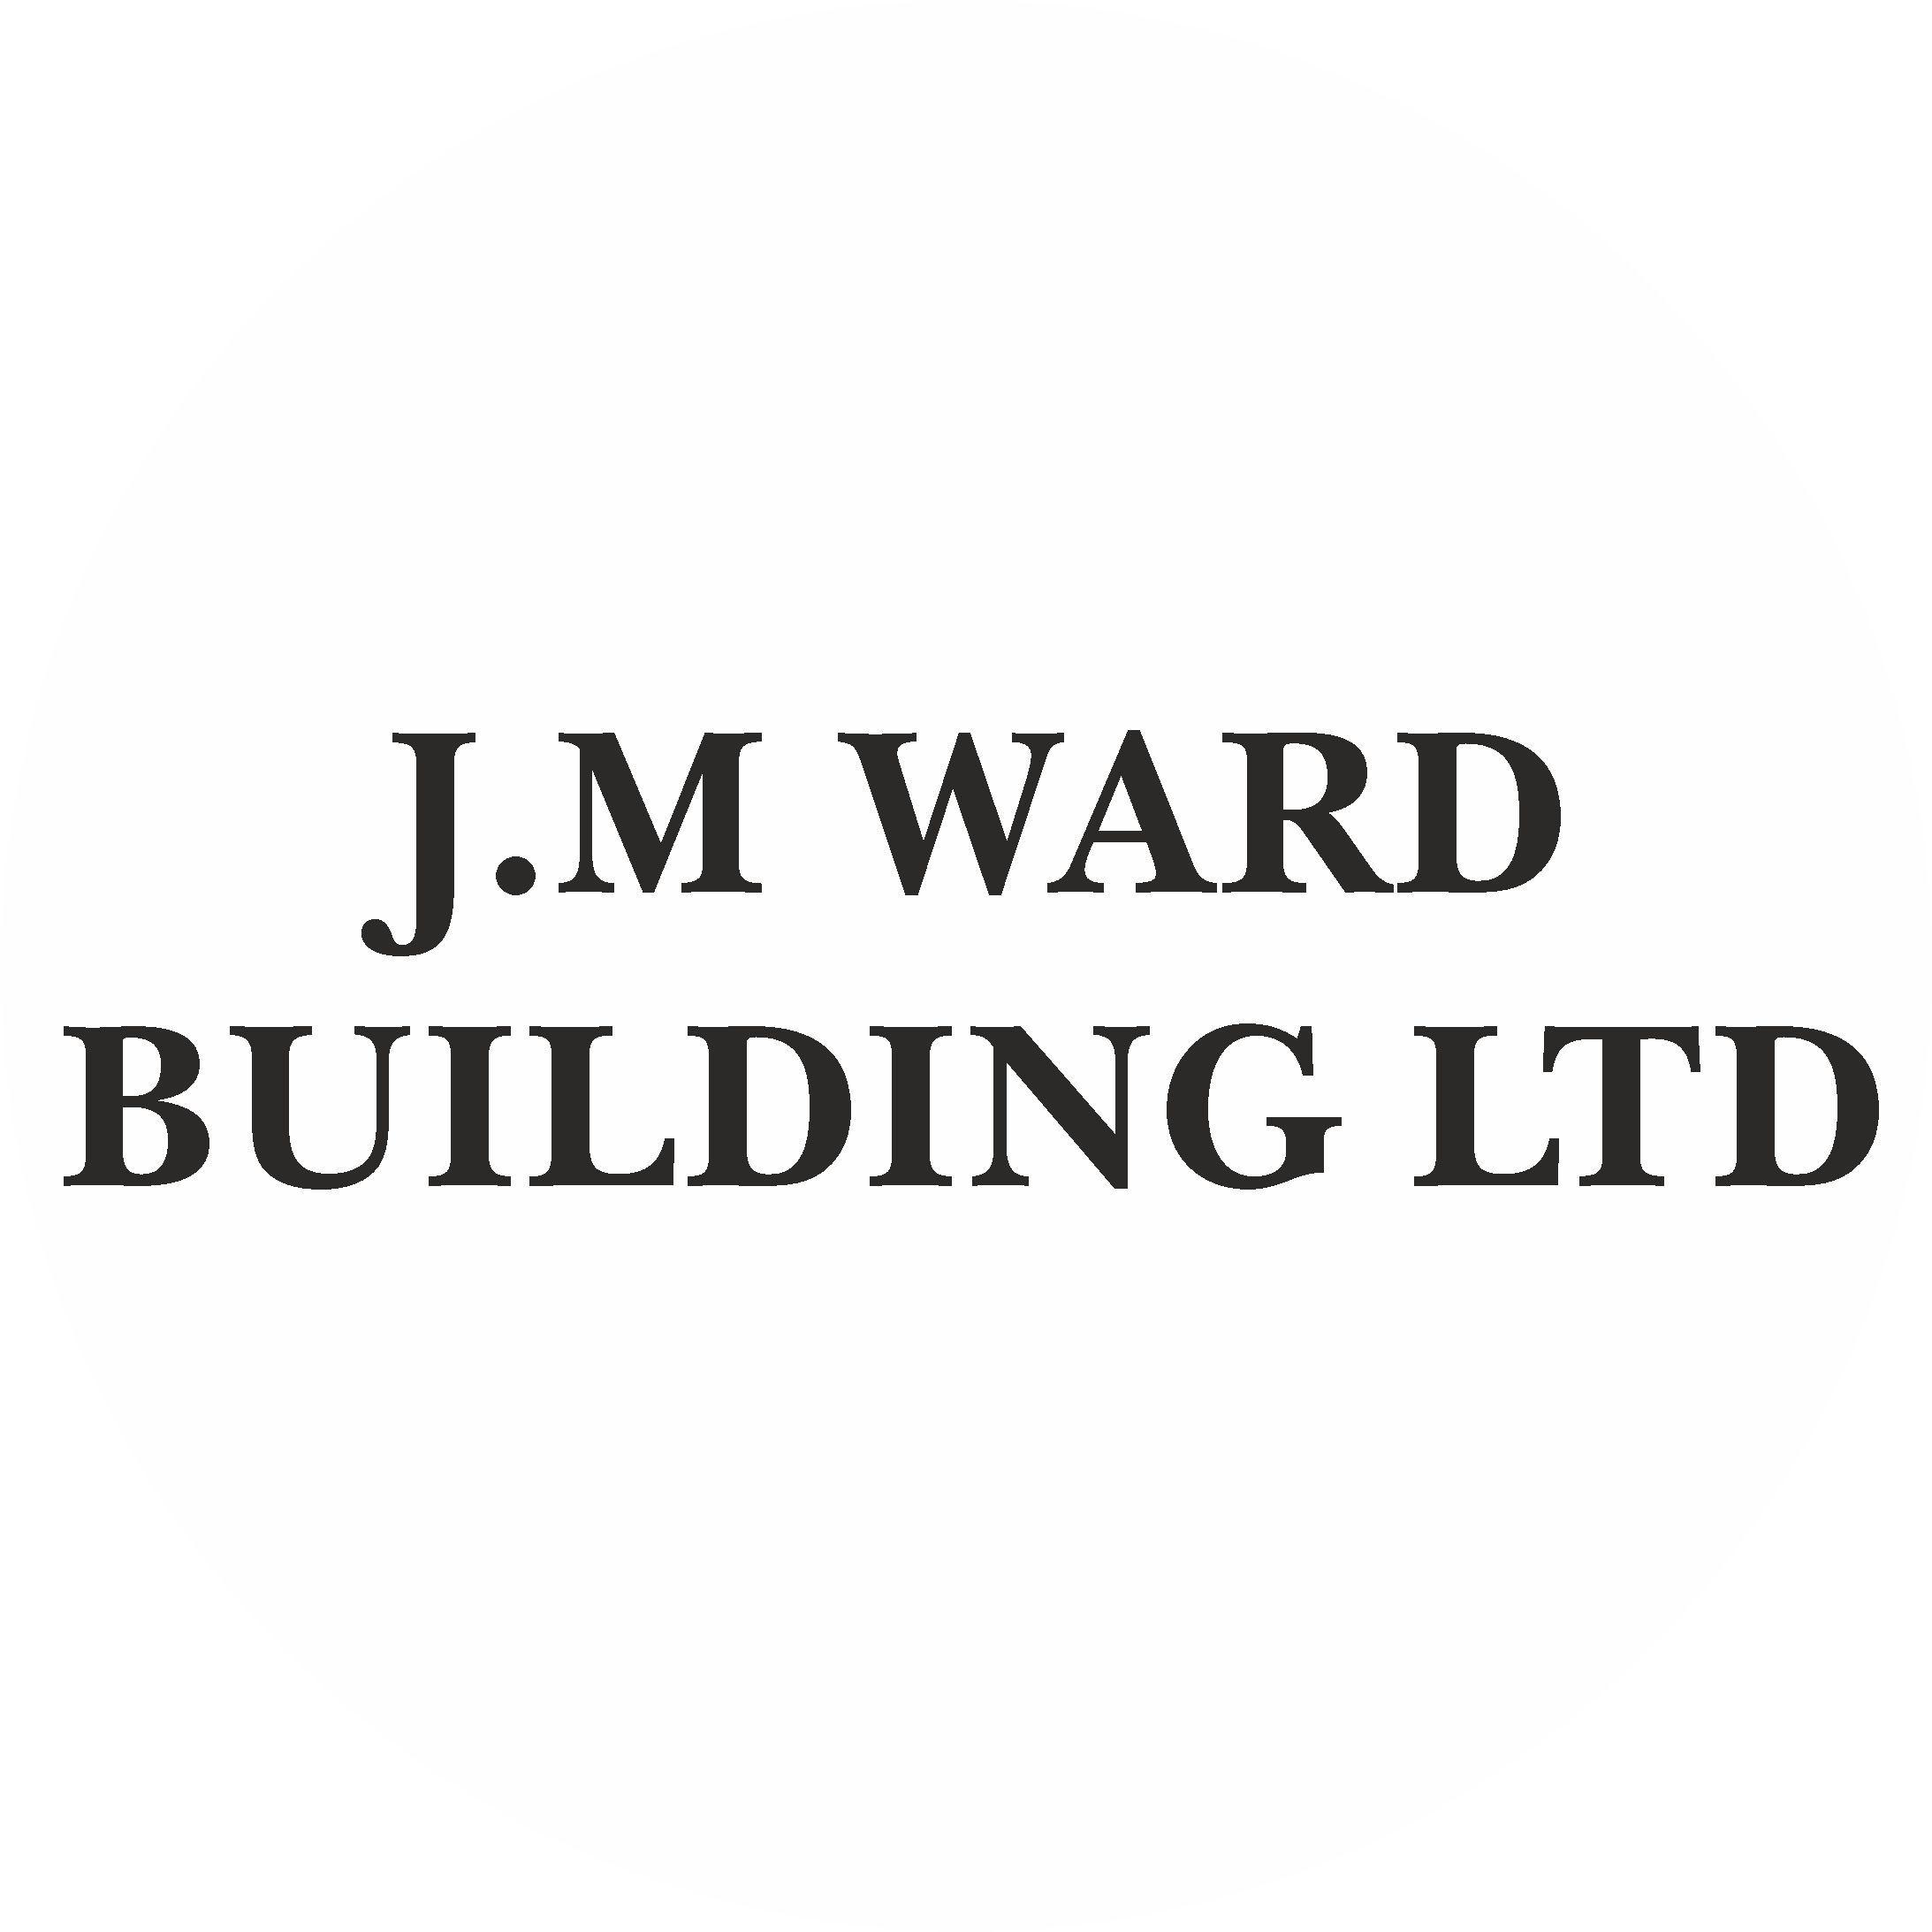 Jason Ward- J M Ward